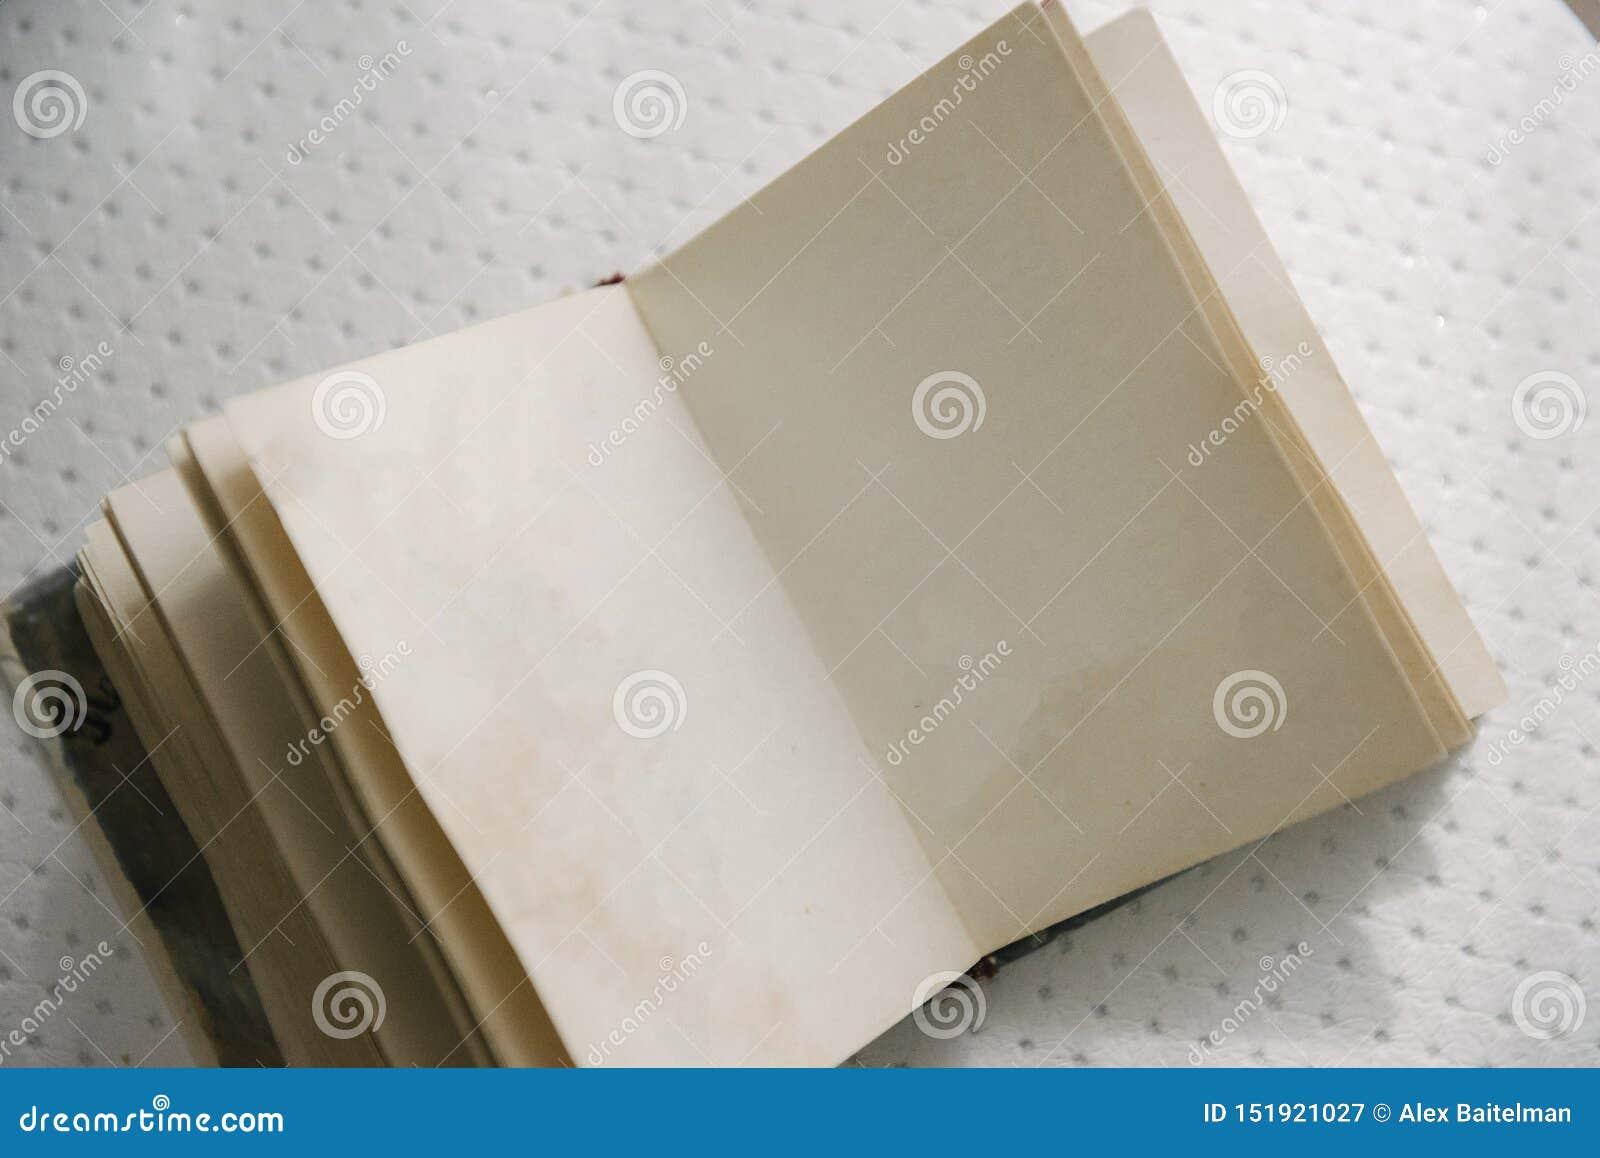 Un libro en blanco abierto está en la tabla Un libro abierto con las páginas en blanco está en la tabla